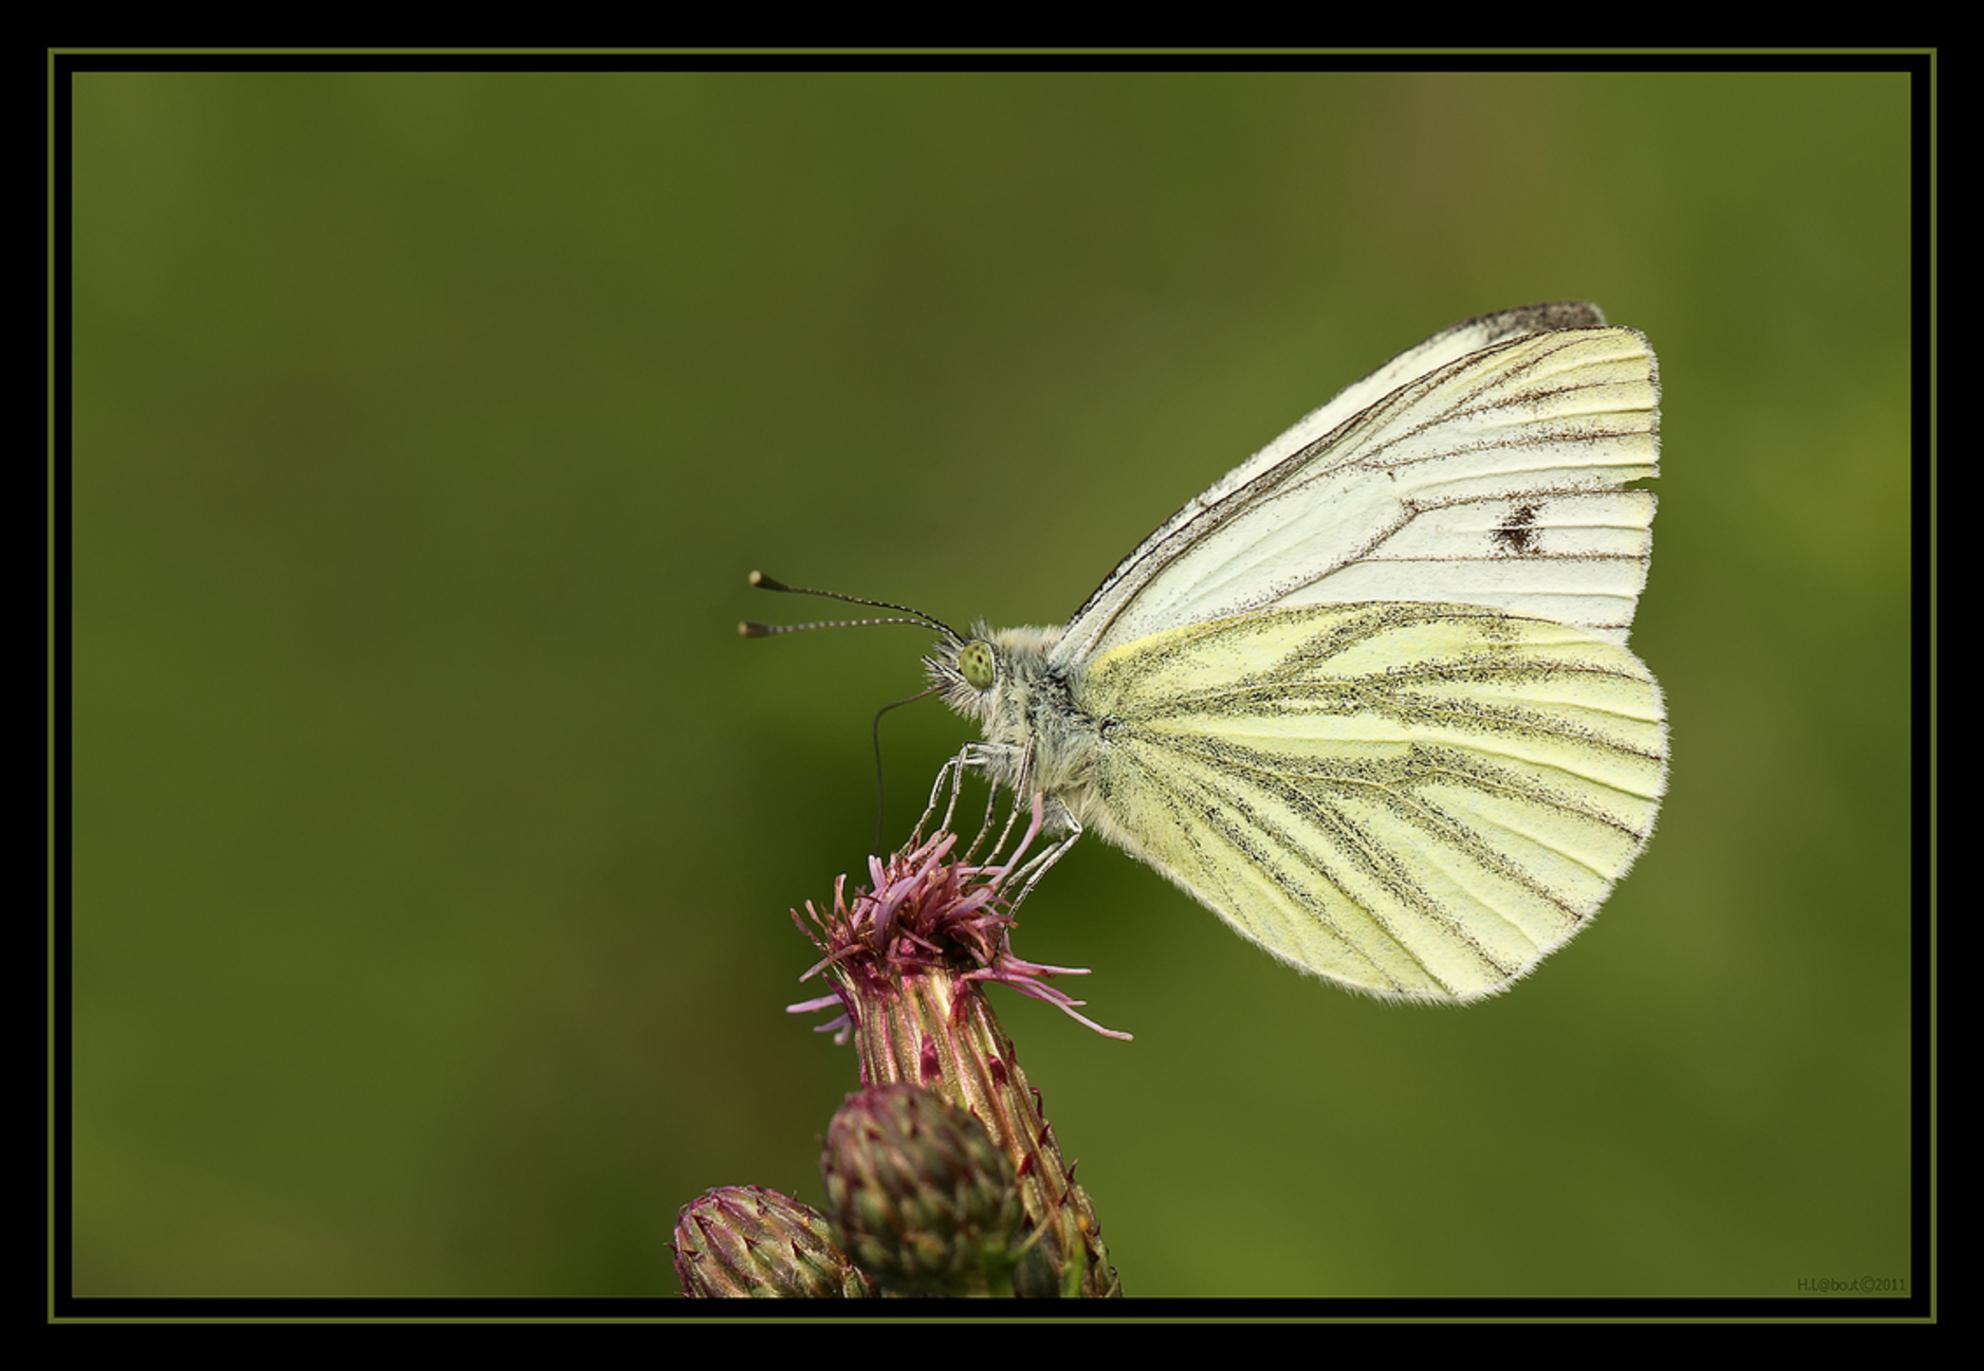 Geaderd Witje - Opname van afgelopen zomer. Dit Geaderd Witje zat er even mooi bij op het terrein van het Bezoekerscentrum te 's Graveland. Heeft heel wat geduld gek - foto door Harald_zoom op 30-01-2012 - deze foto bevat: macro, natuur, vlinder, insect, Geaderd witje